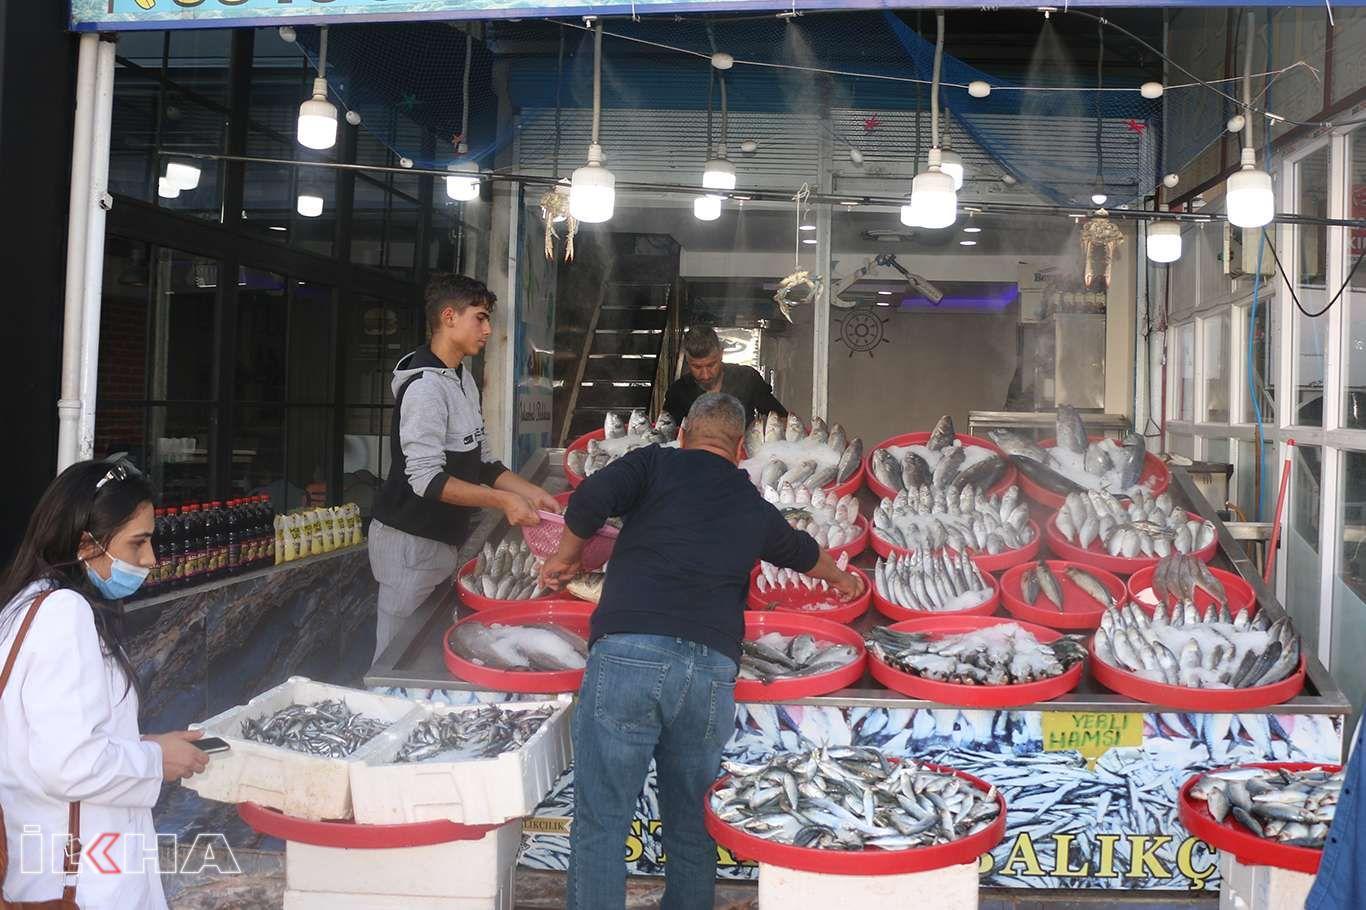 Şanlıurfa'da havaların soğumasıyla birlikte balık satışları başladı